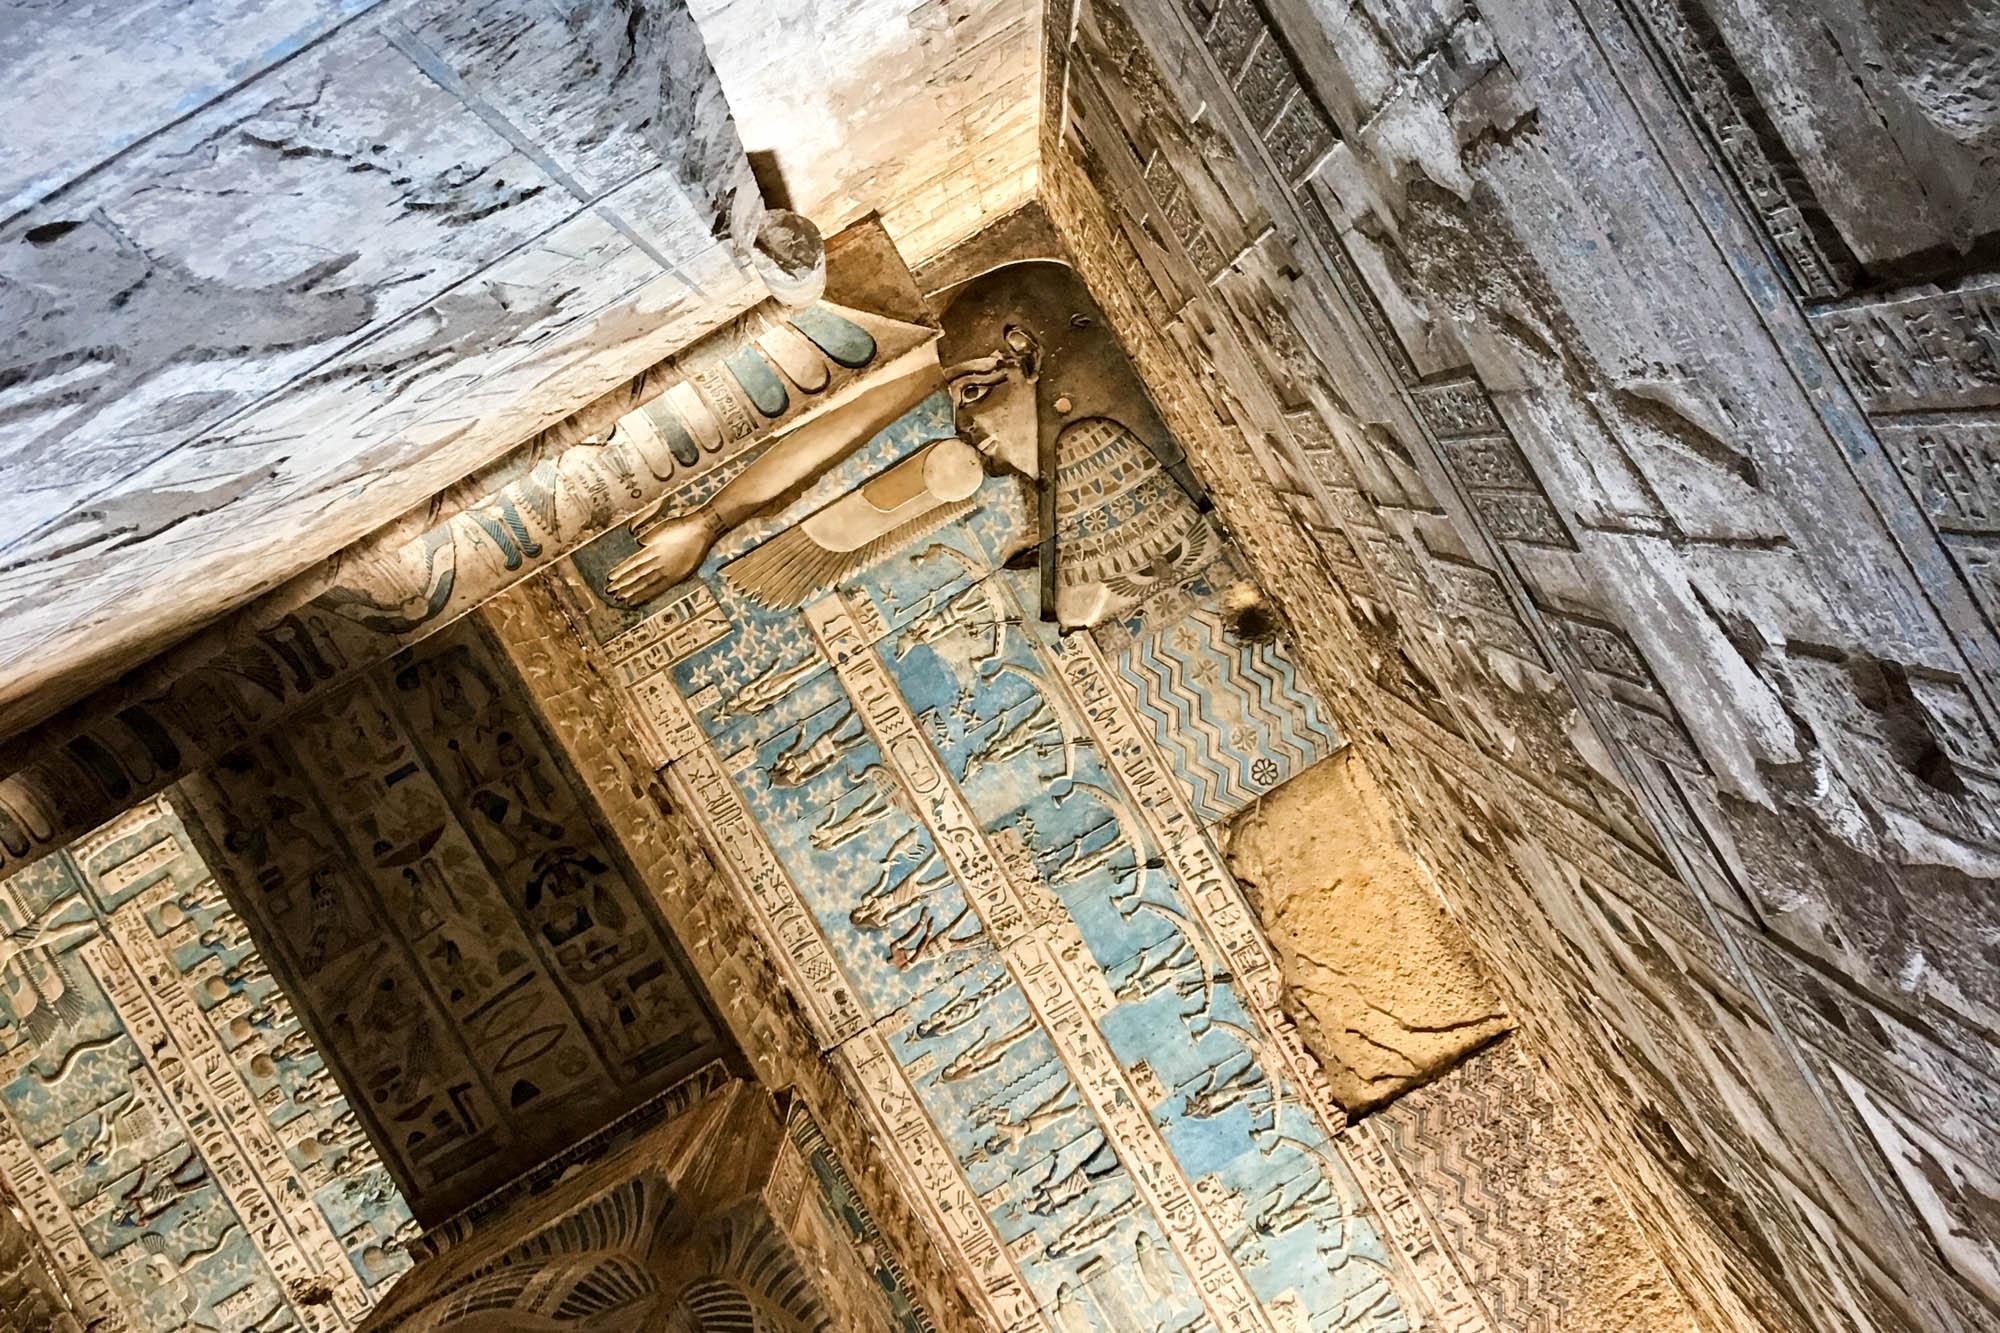 Der Tempel von Dendera, 55 km nördlich von Luxor, ist der Göttin Hathor geweiht. An seiner Decke finden sich Darstellungen der Göttin Nut, die jeden Abend die Sonne verschluckt und sie morgens wieder gebiert. Foto: Lothar Ruttner